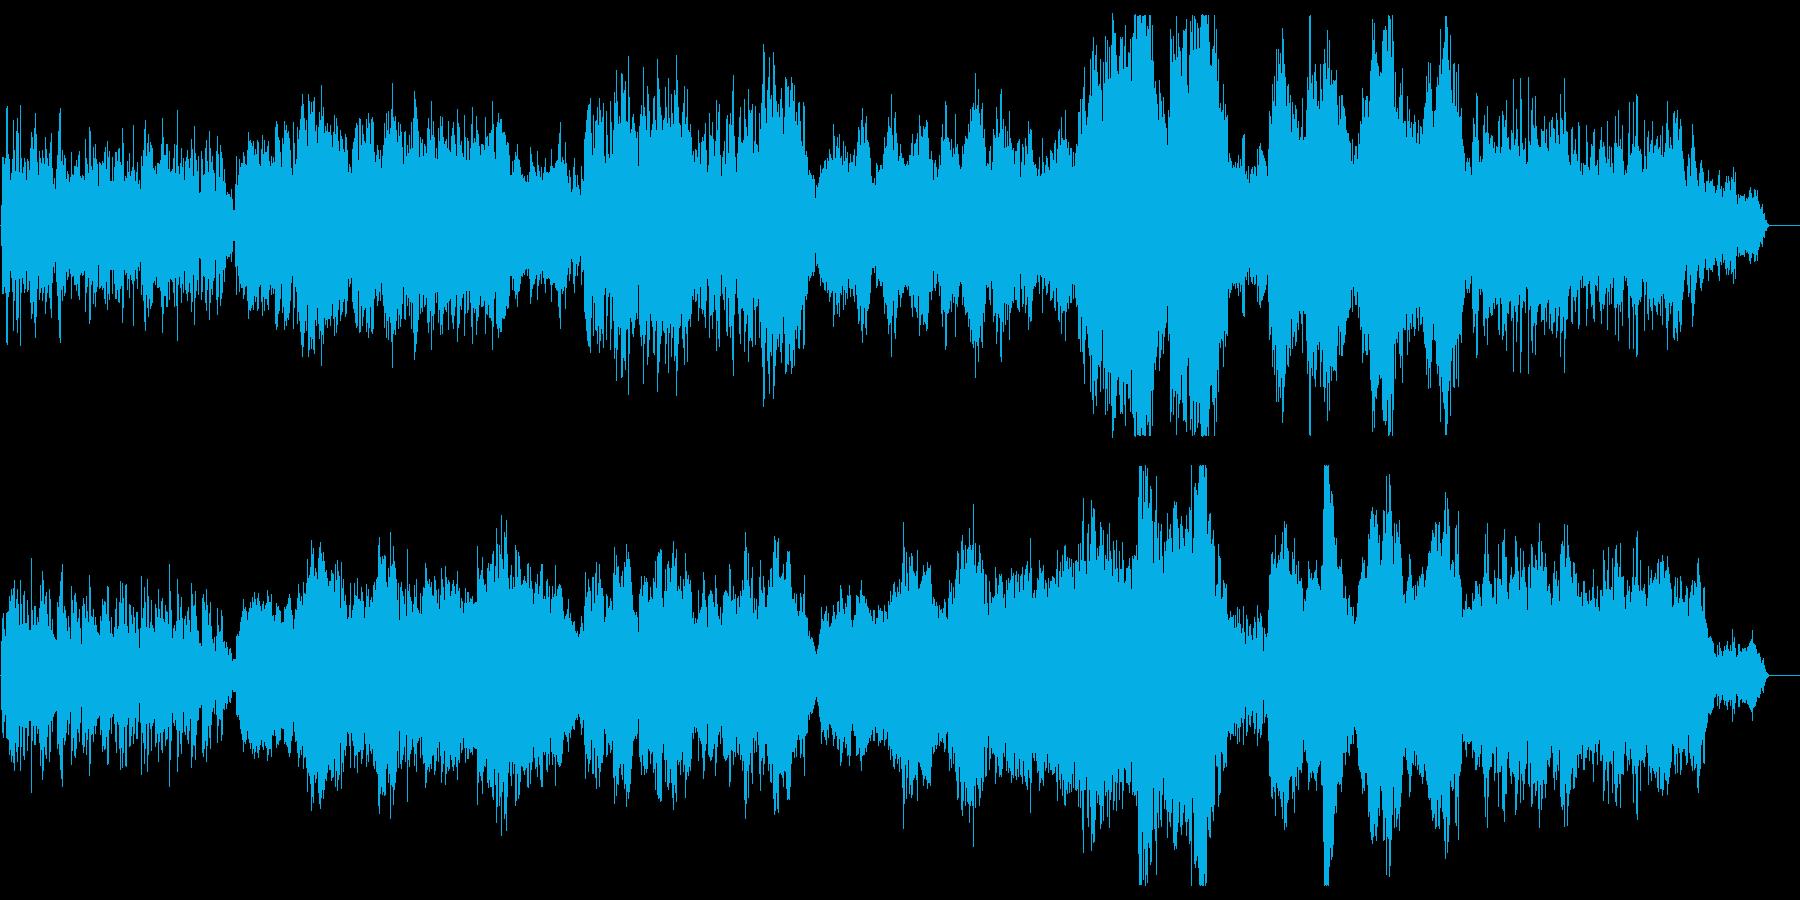 朗らかで優しいリラクゼーションサウンドの再生済みの波形